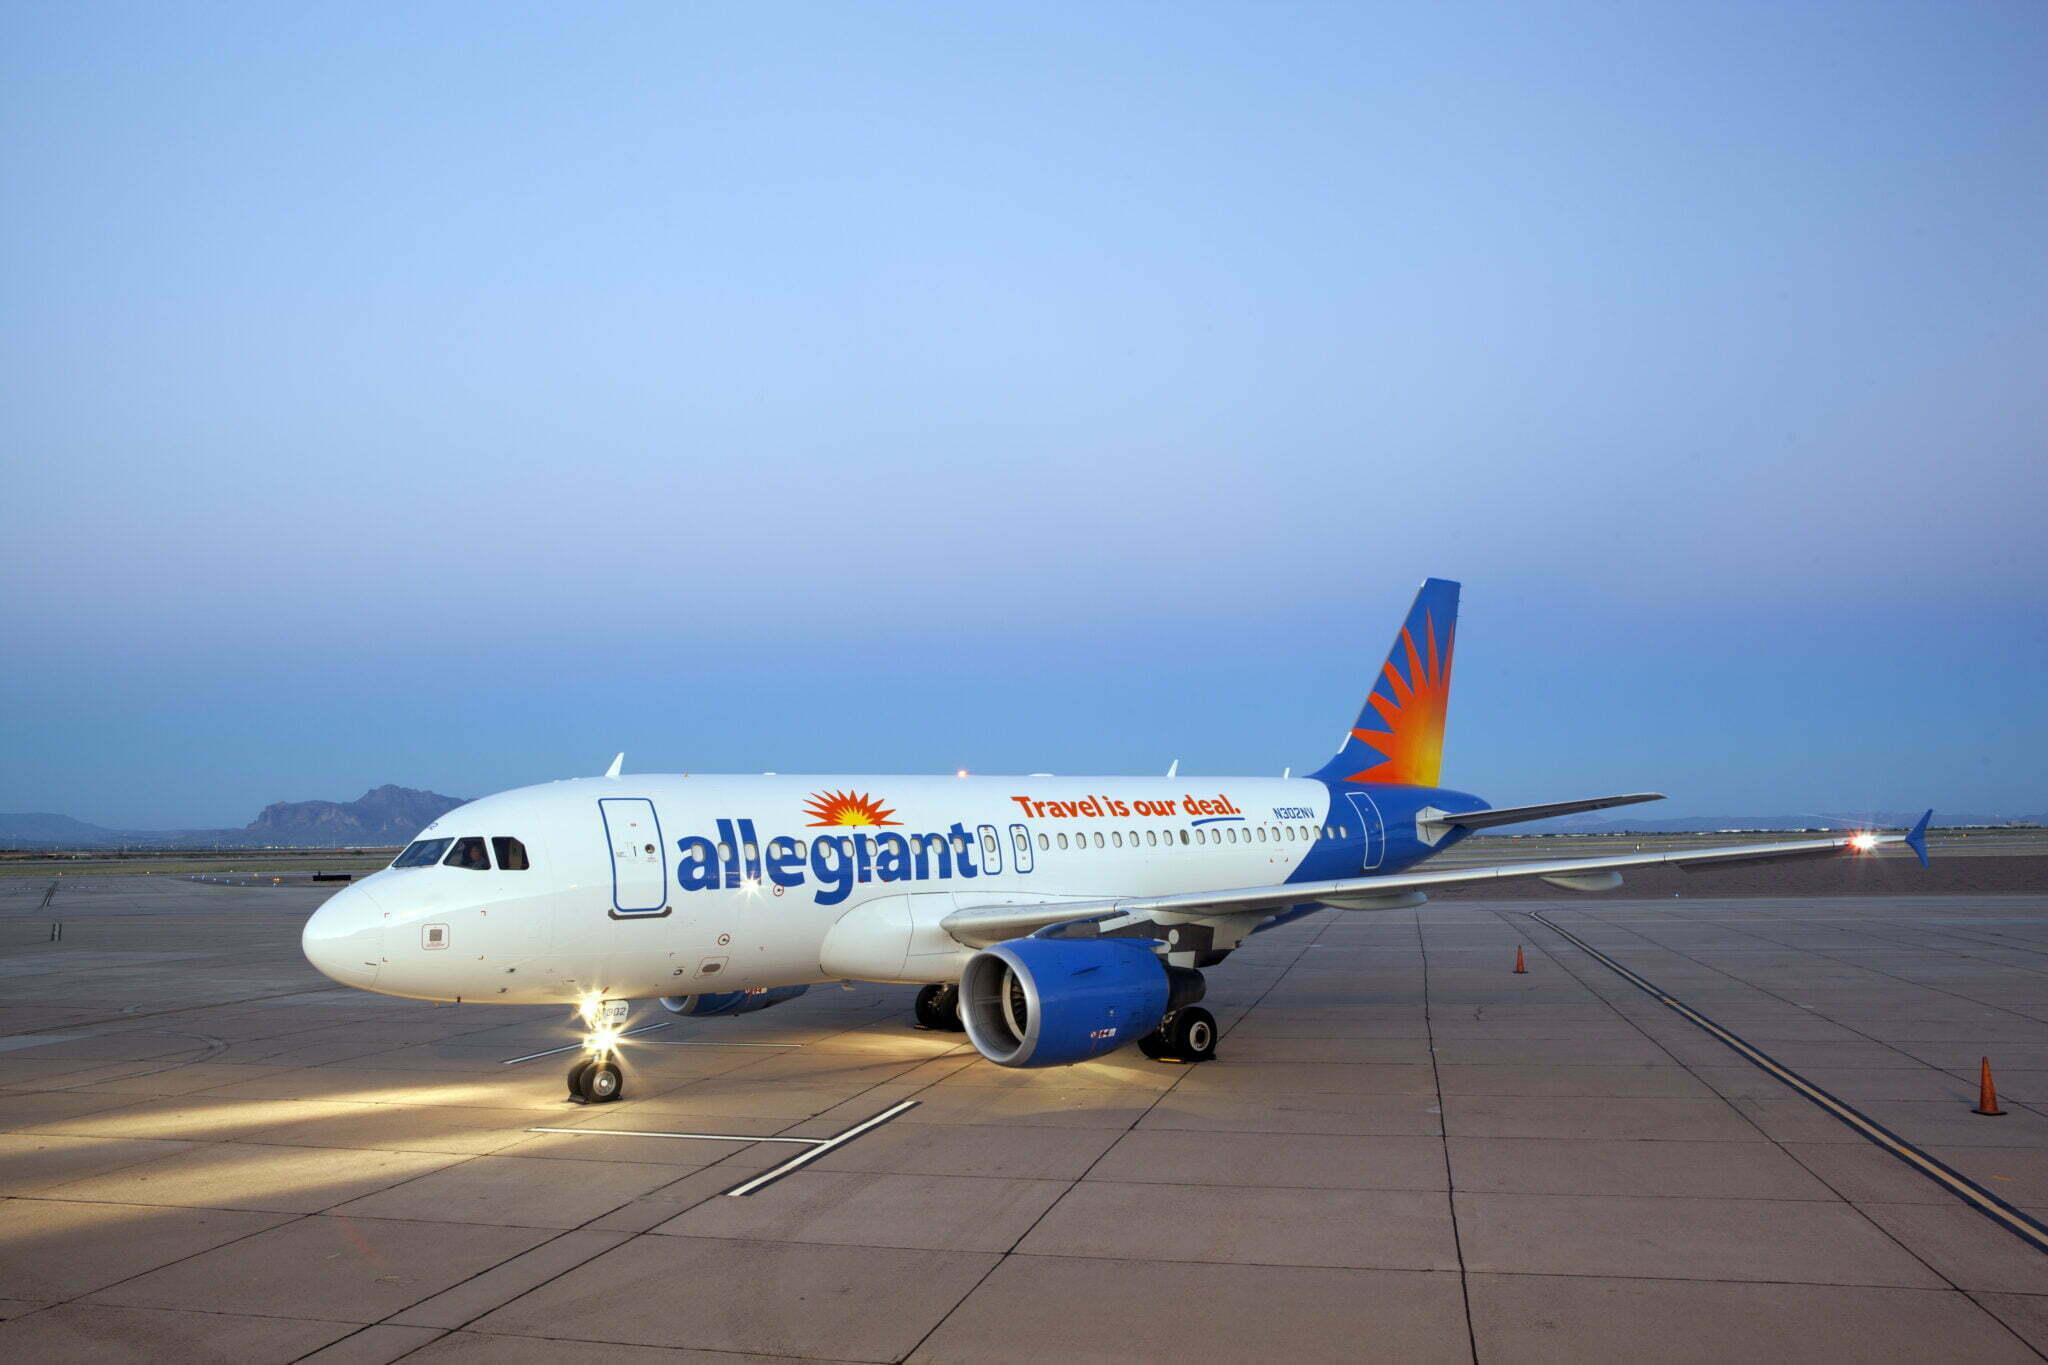 Allegiant's DSM base opens Thursday, four nonstop flights added 5